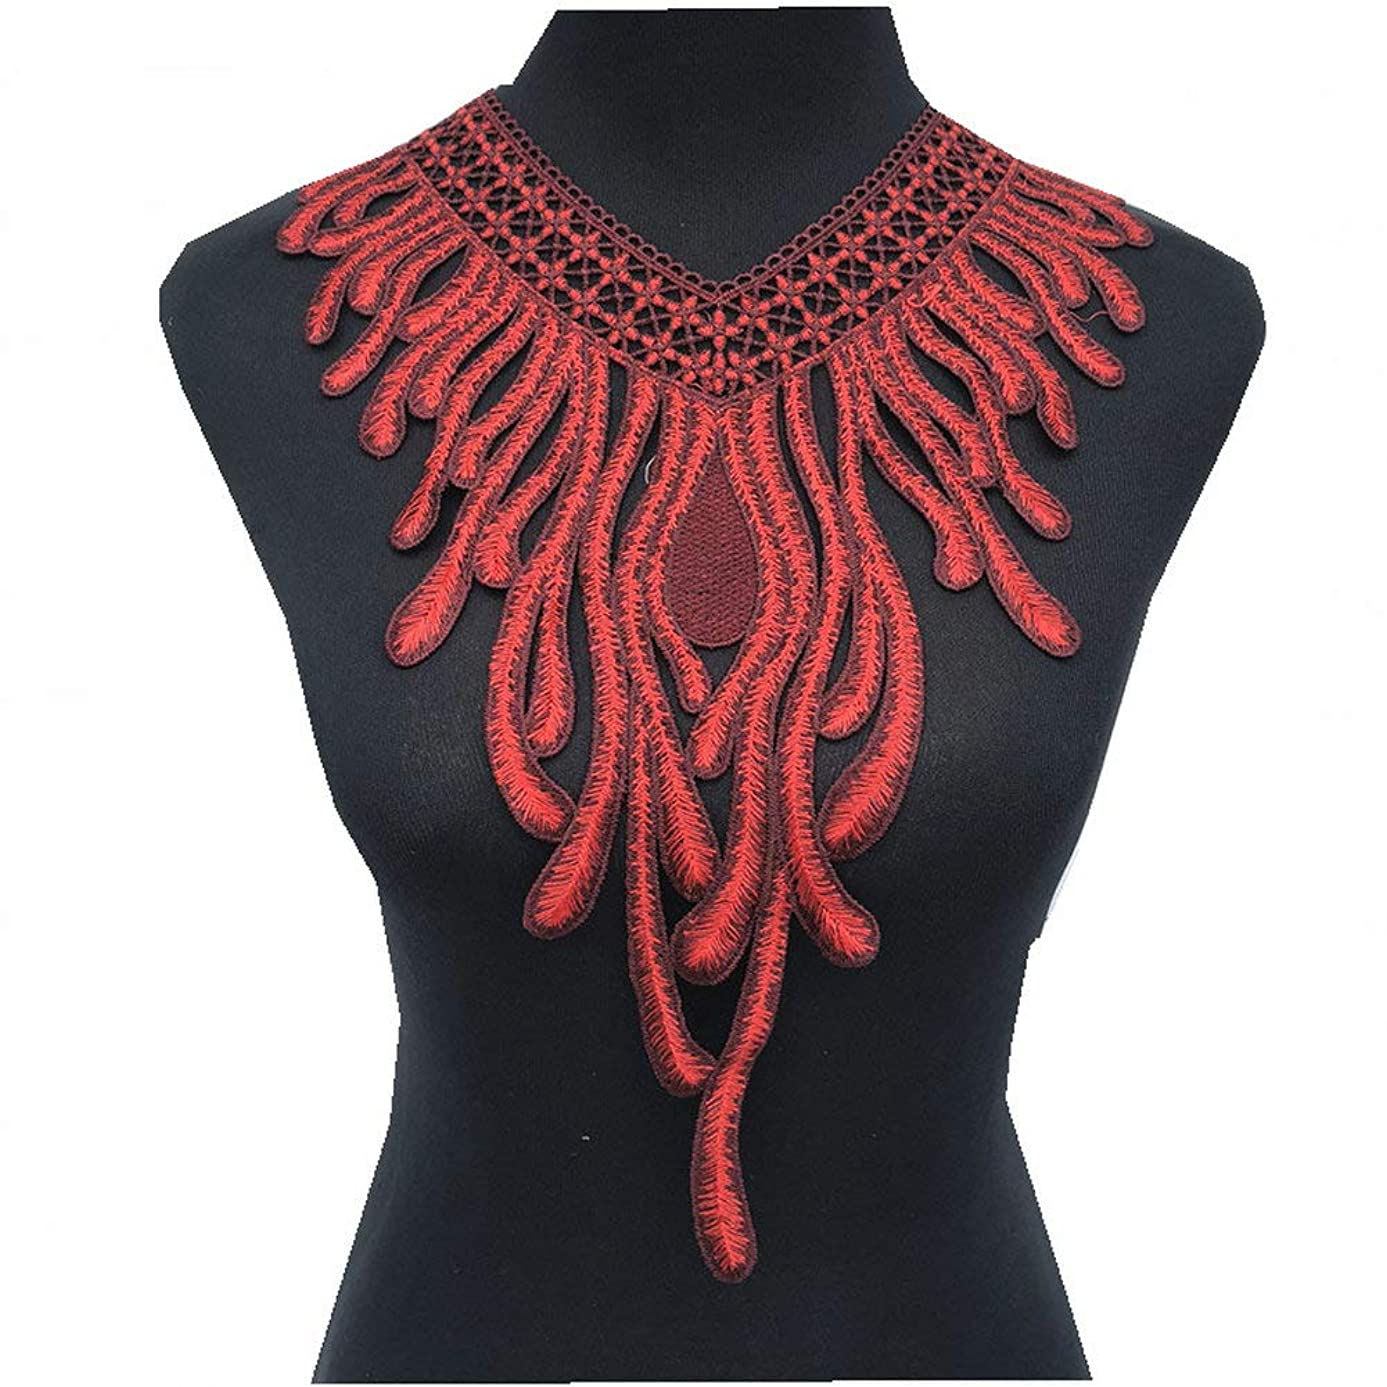 Phoenix Venise Lace Fabric Dress Applique Motif Blouse Sewing Trims DIY Neckline Collar Costume Decoration Accessories (red)